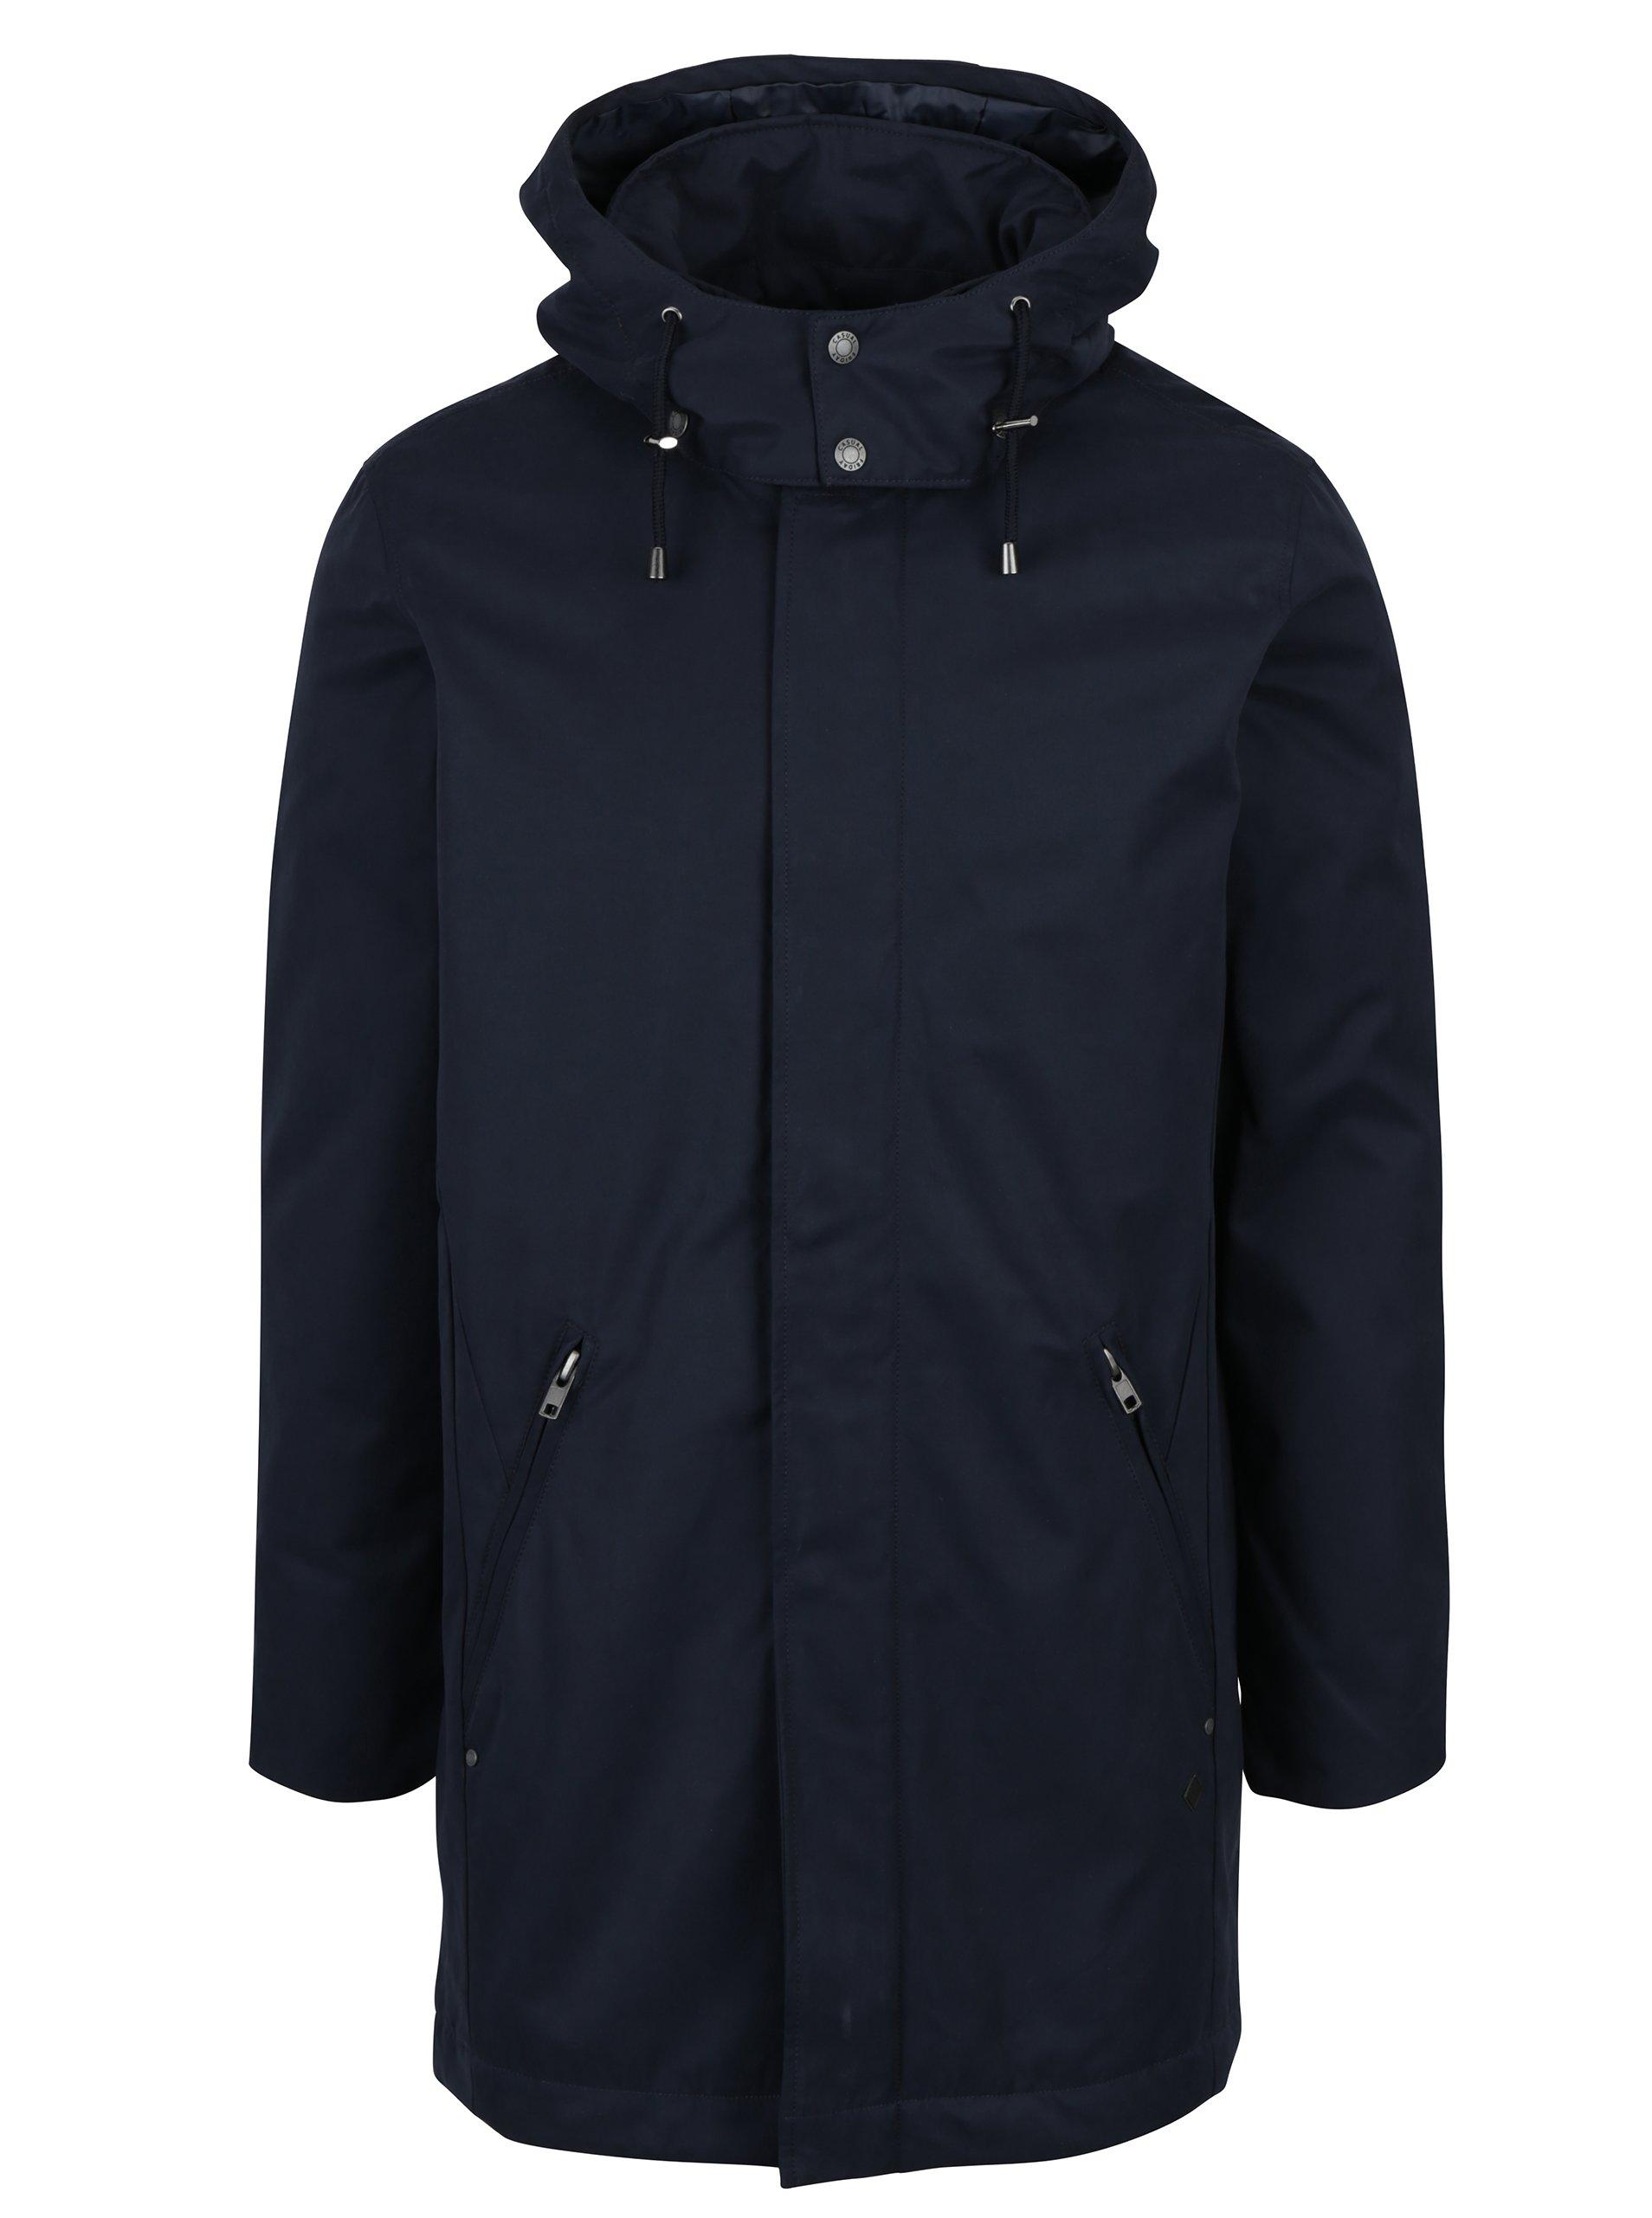 Tmavě modrá delší bunda s odnímatelnou kapucí Casual Friday by Blend